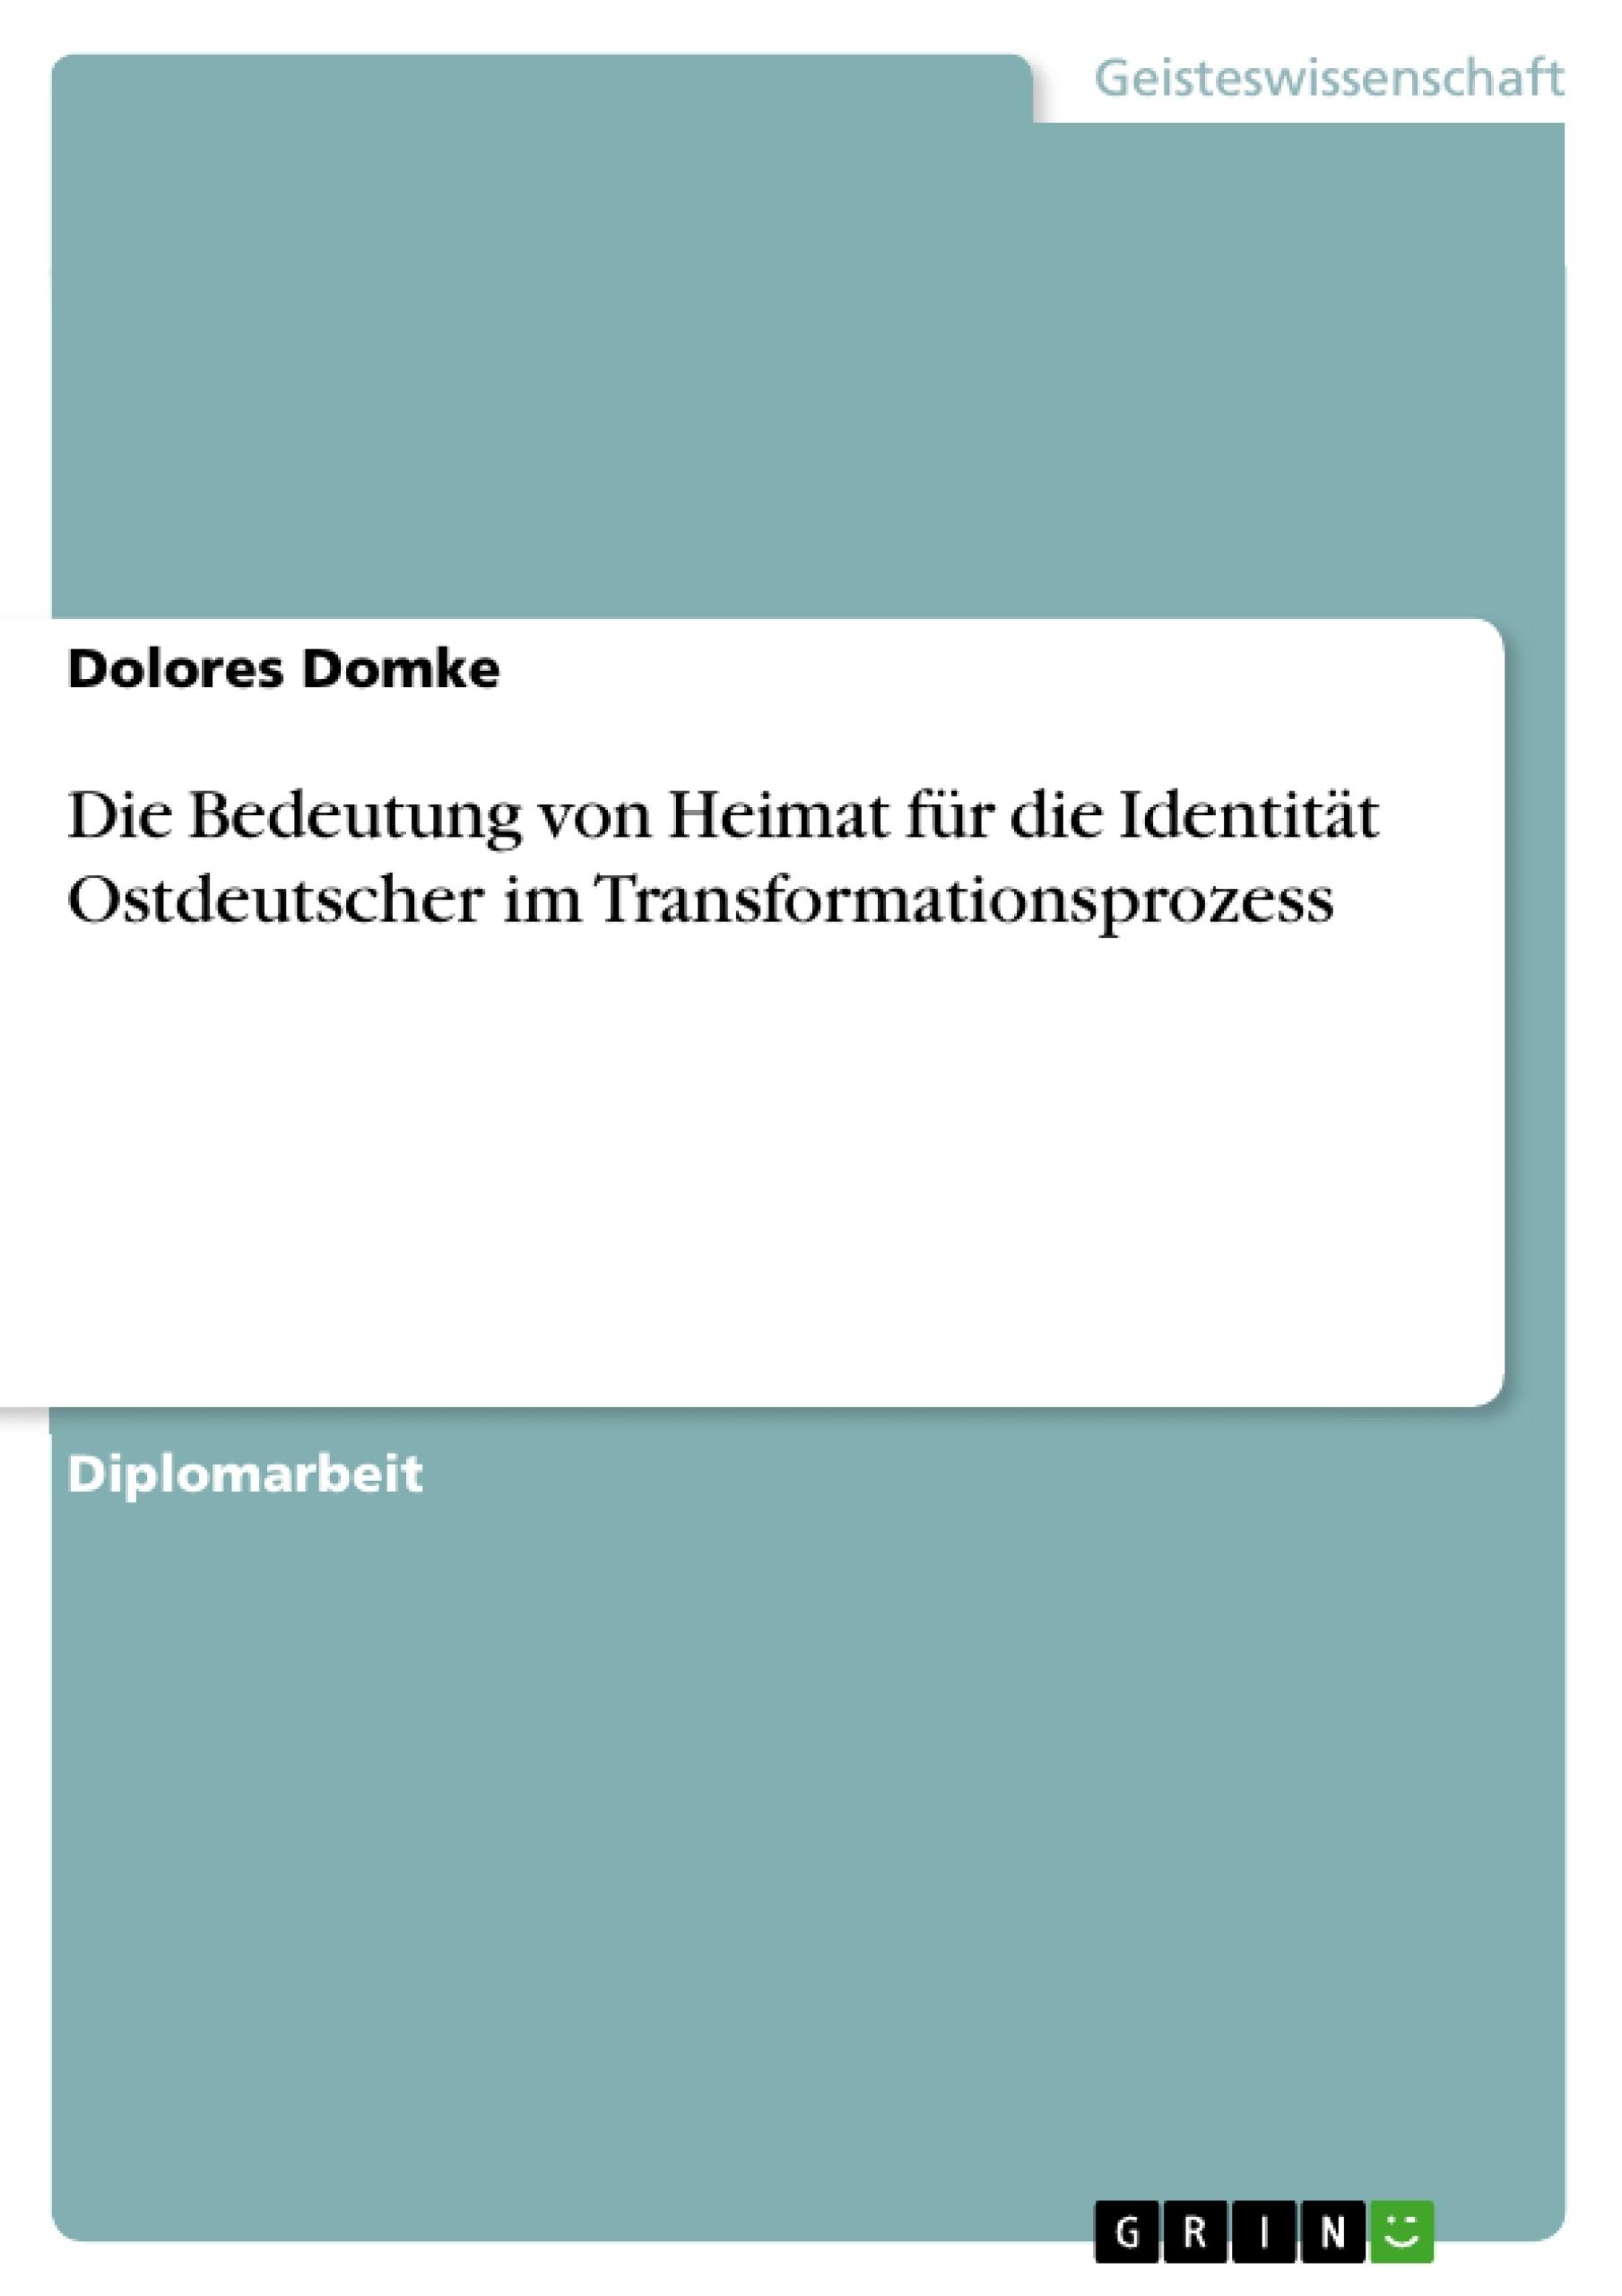 Titel: Die Bedeutung von Heimat für die Identität Ostdeutscher im Transformationsprozess